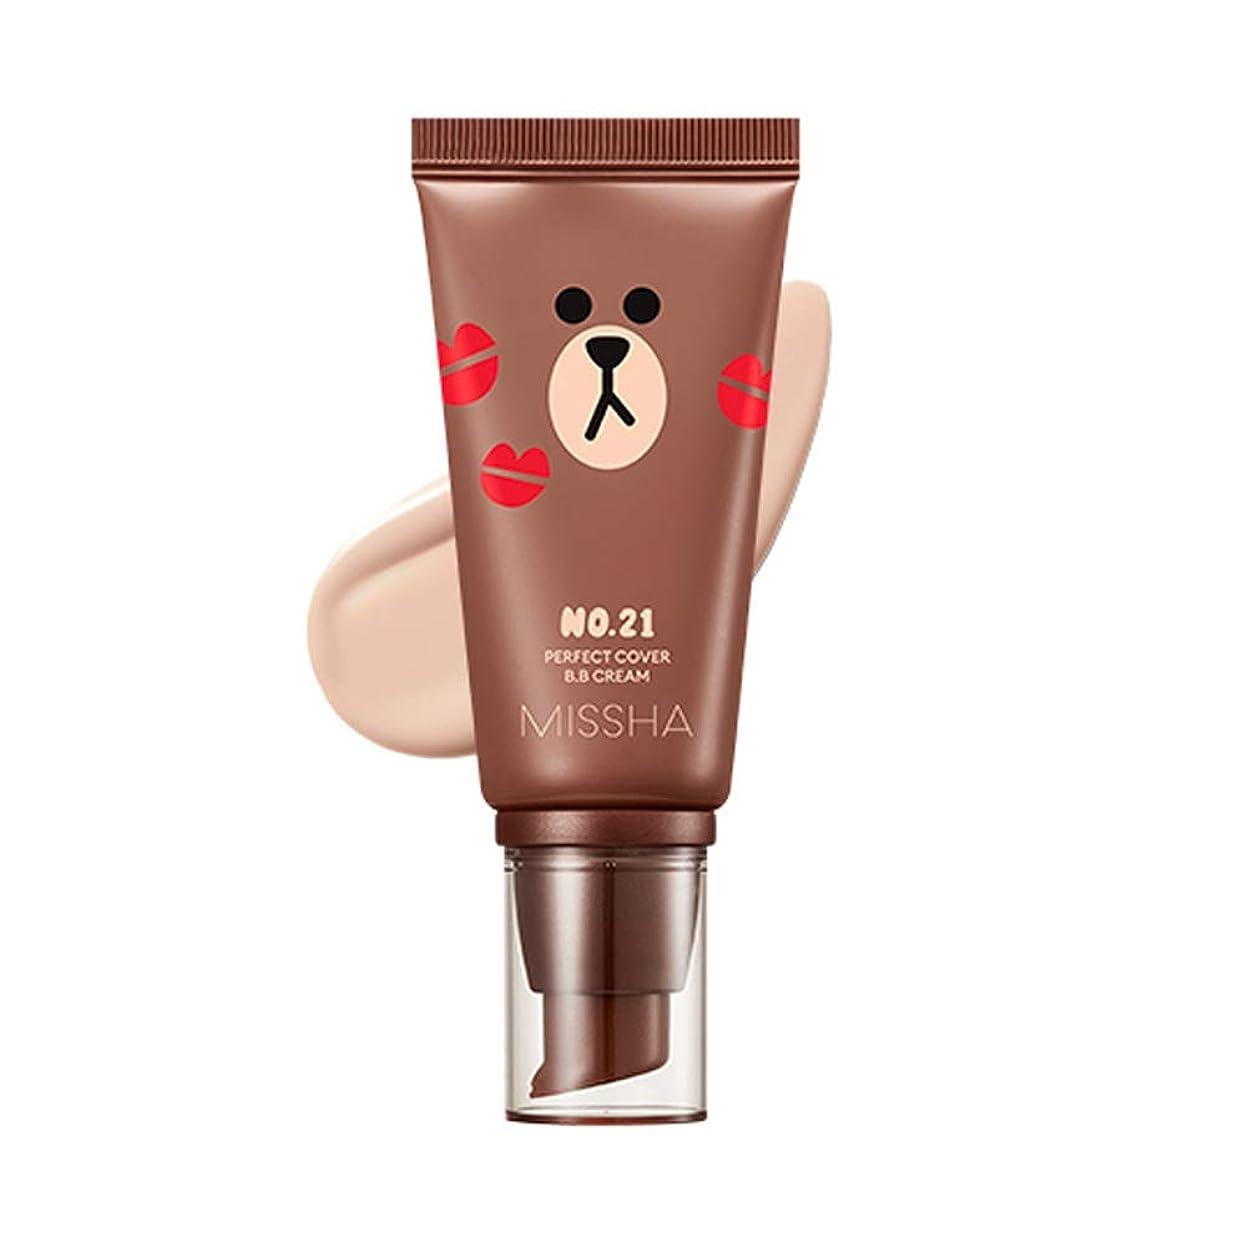 苦しみ適切にグリルMissha M Perfect Cover BB Cream SPF42 PA+++ [Line Friends Edition] ミシャ(ラインフレンズ)MパーフェクトカバーB.Bクリーム (#21 Light Beige) [並行輸入品]